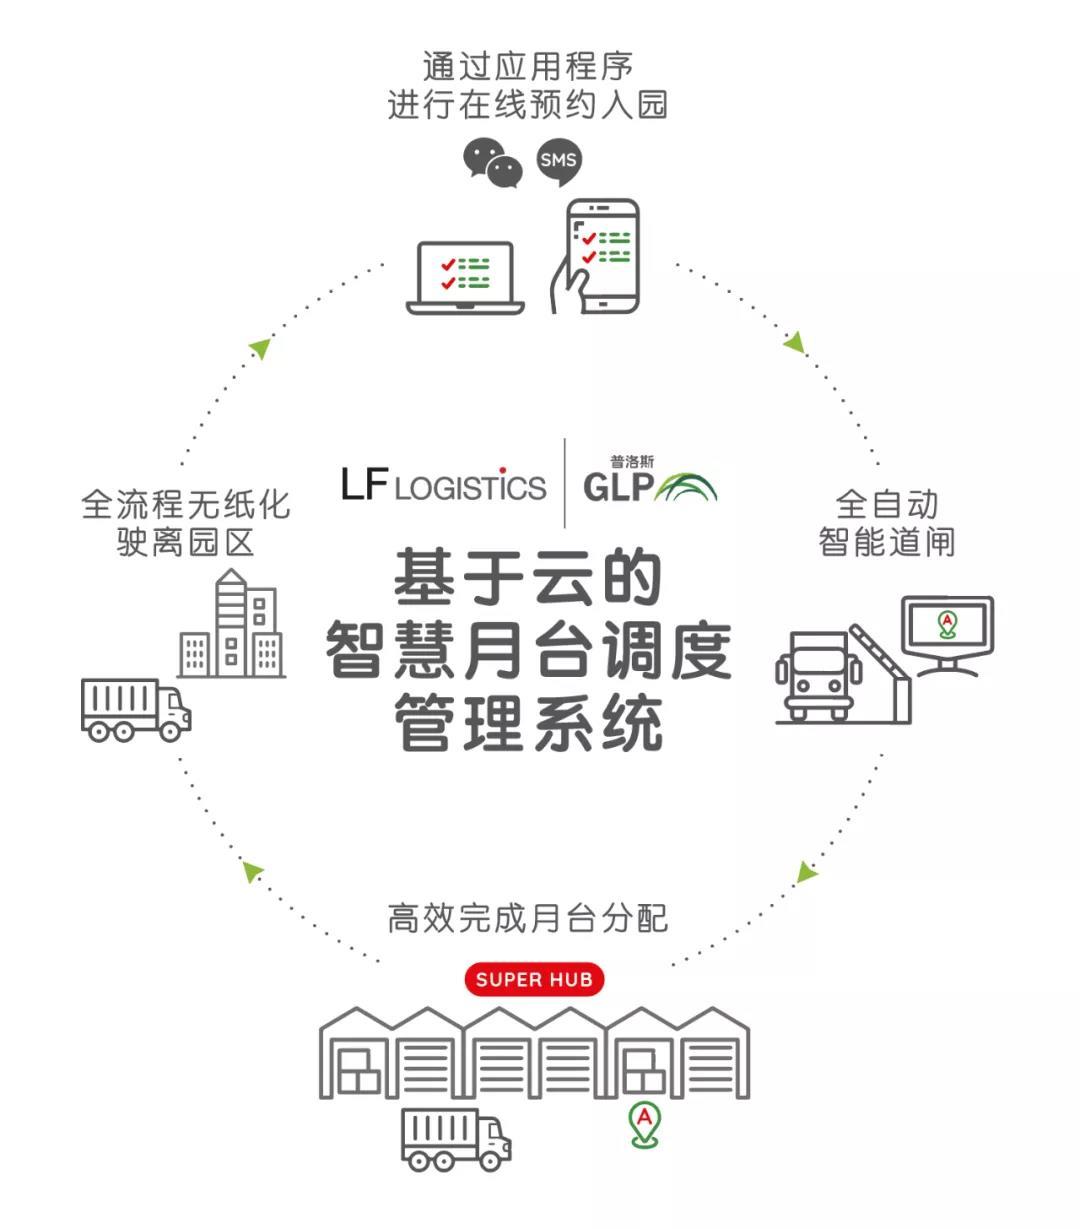 普洛斯科技賦能,利豐全國運輸樞紐中心智慧化提速-中國網地産